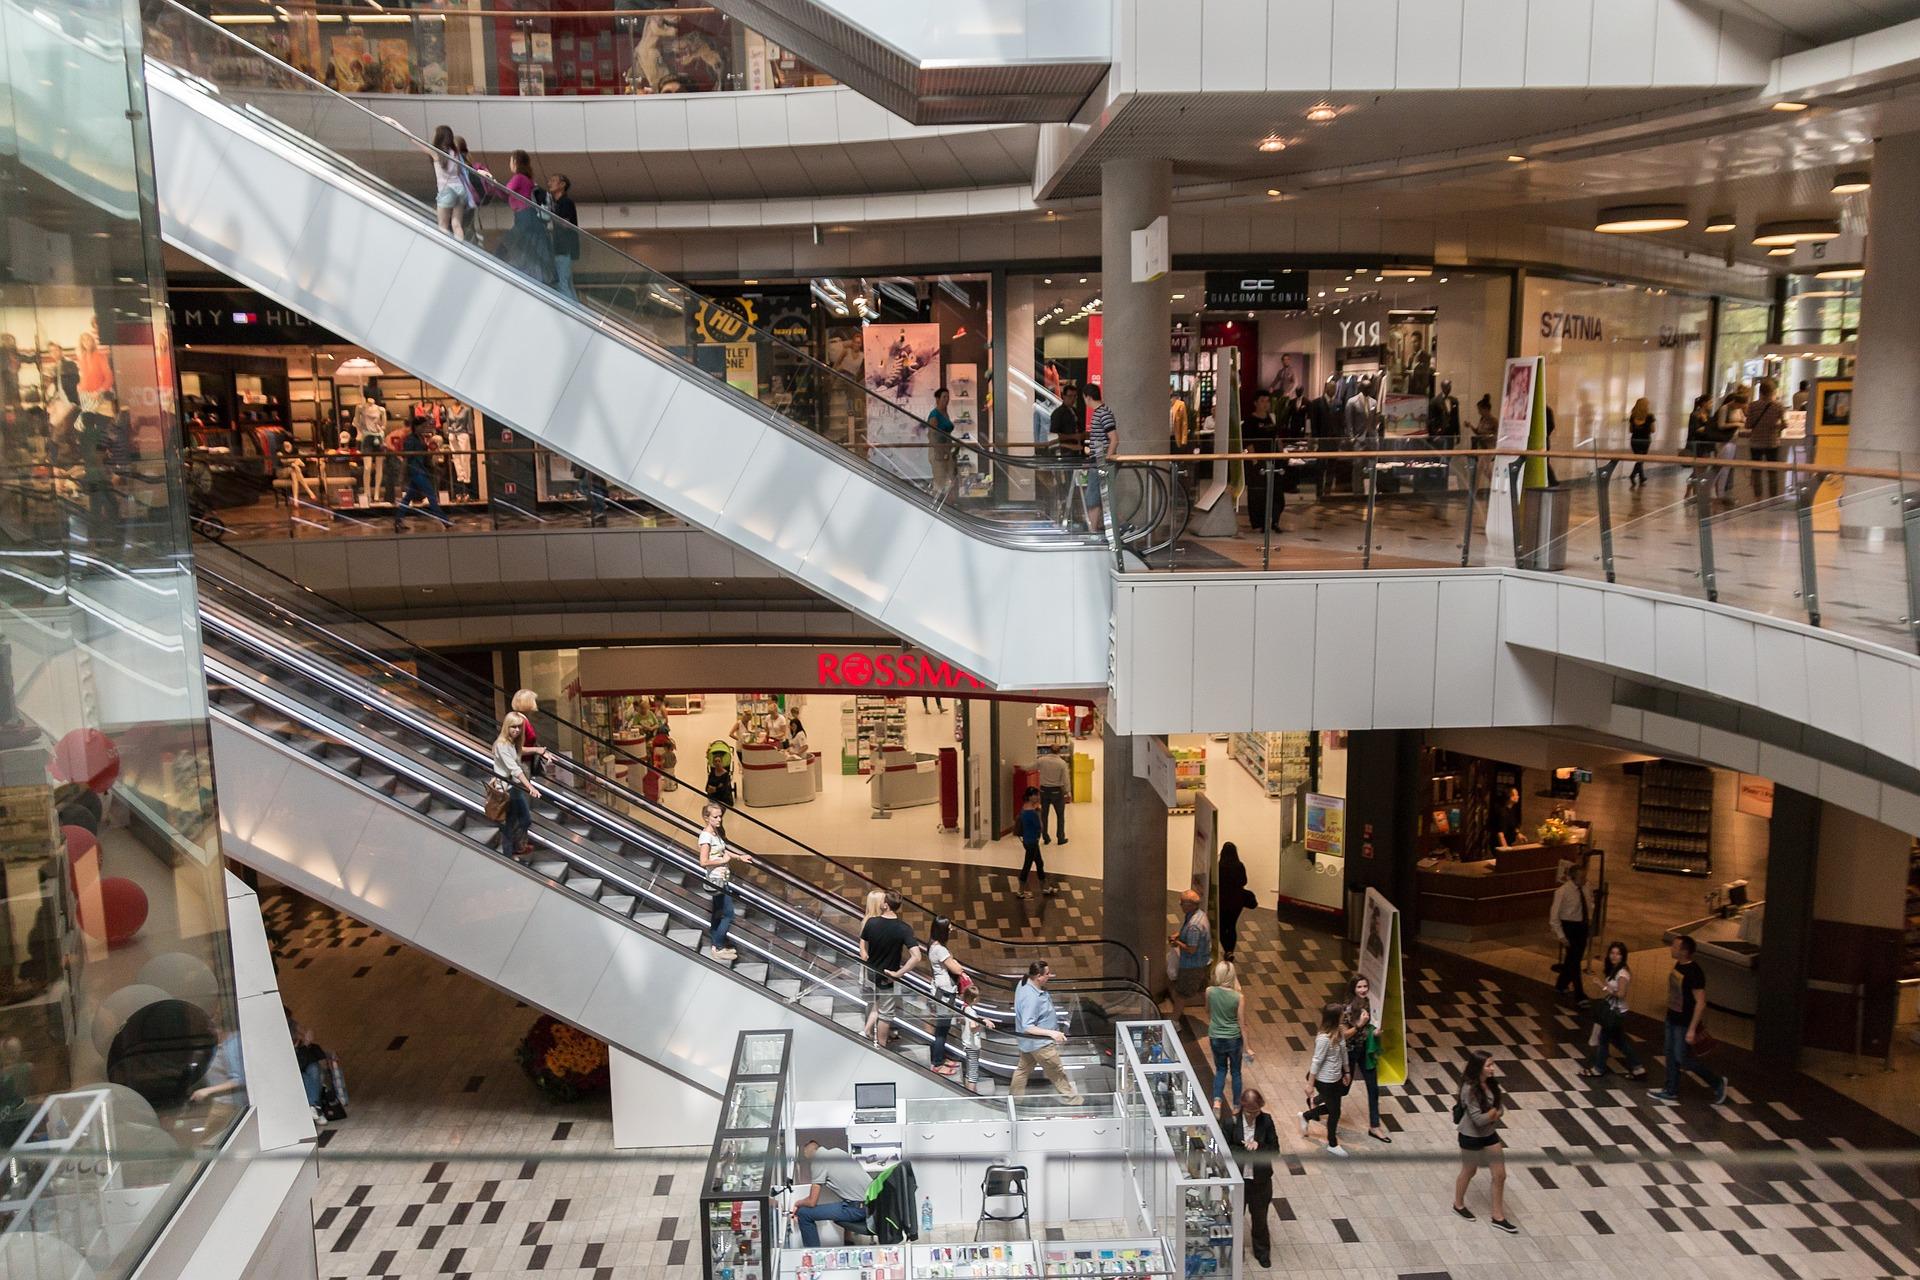 Rynek powierzchni handlowej w Polsce ma się bardzo dobrze